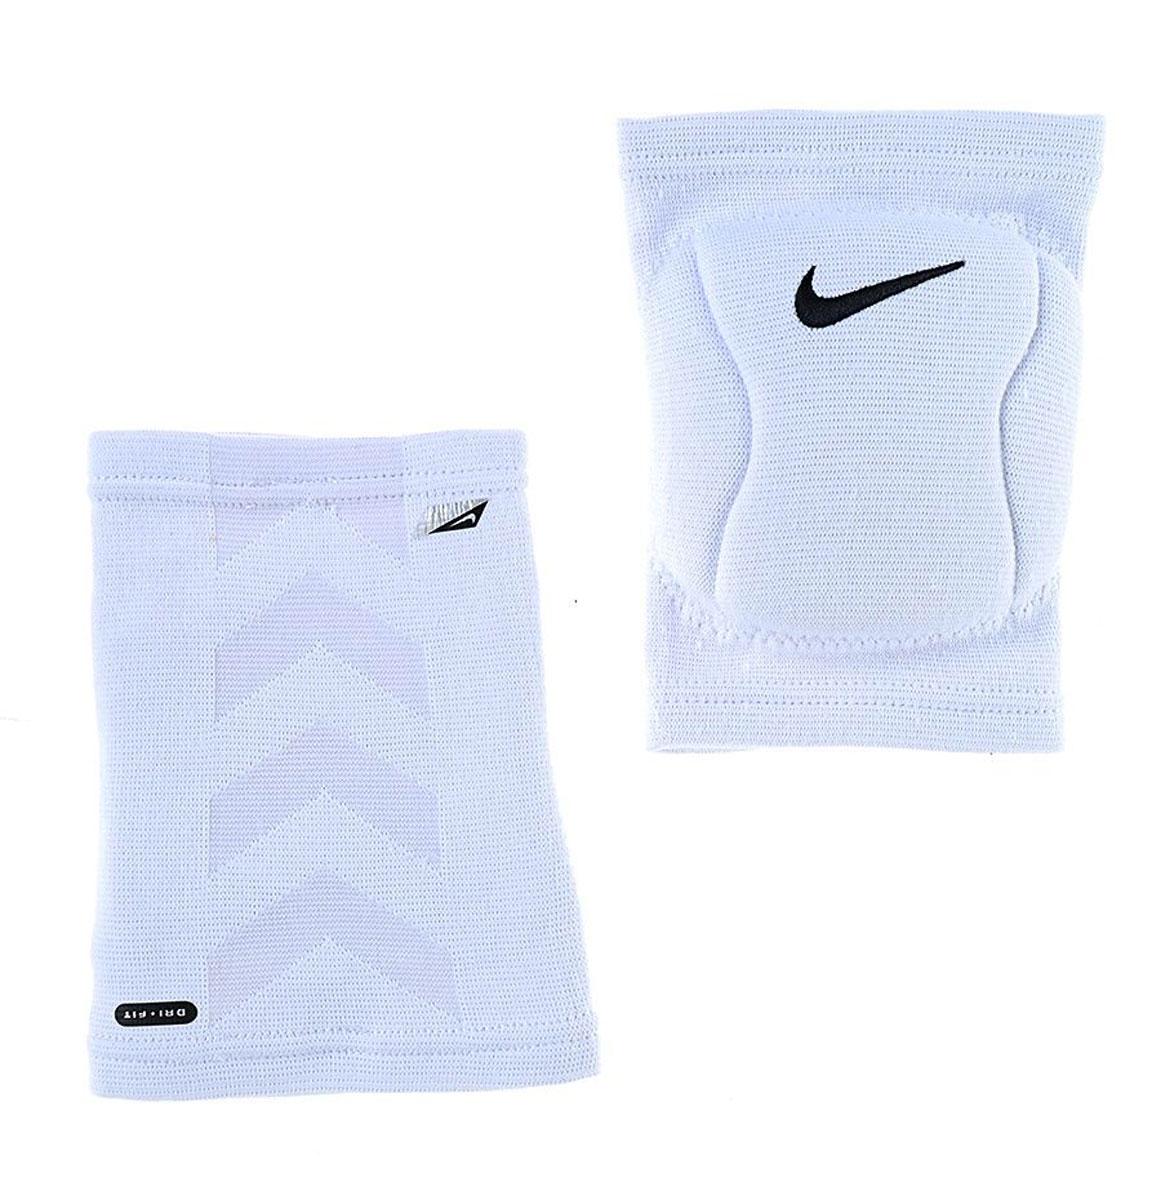 Наколенник Nike, цвет: белый. Размер M/LN.VP.07.100.MLЗащитный наколенник для волейбола. В составе - вспененная резина, не натирают, комфортно сидят на ноге. С внутренней стороны - мягкая подкладка. Не стесняет движения. Очень легкие и плотно обтягивают ногу.